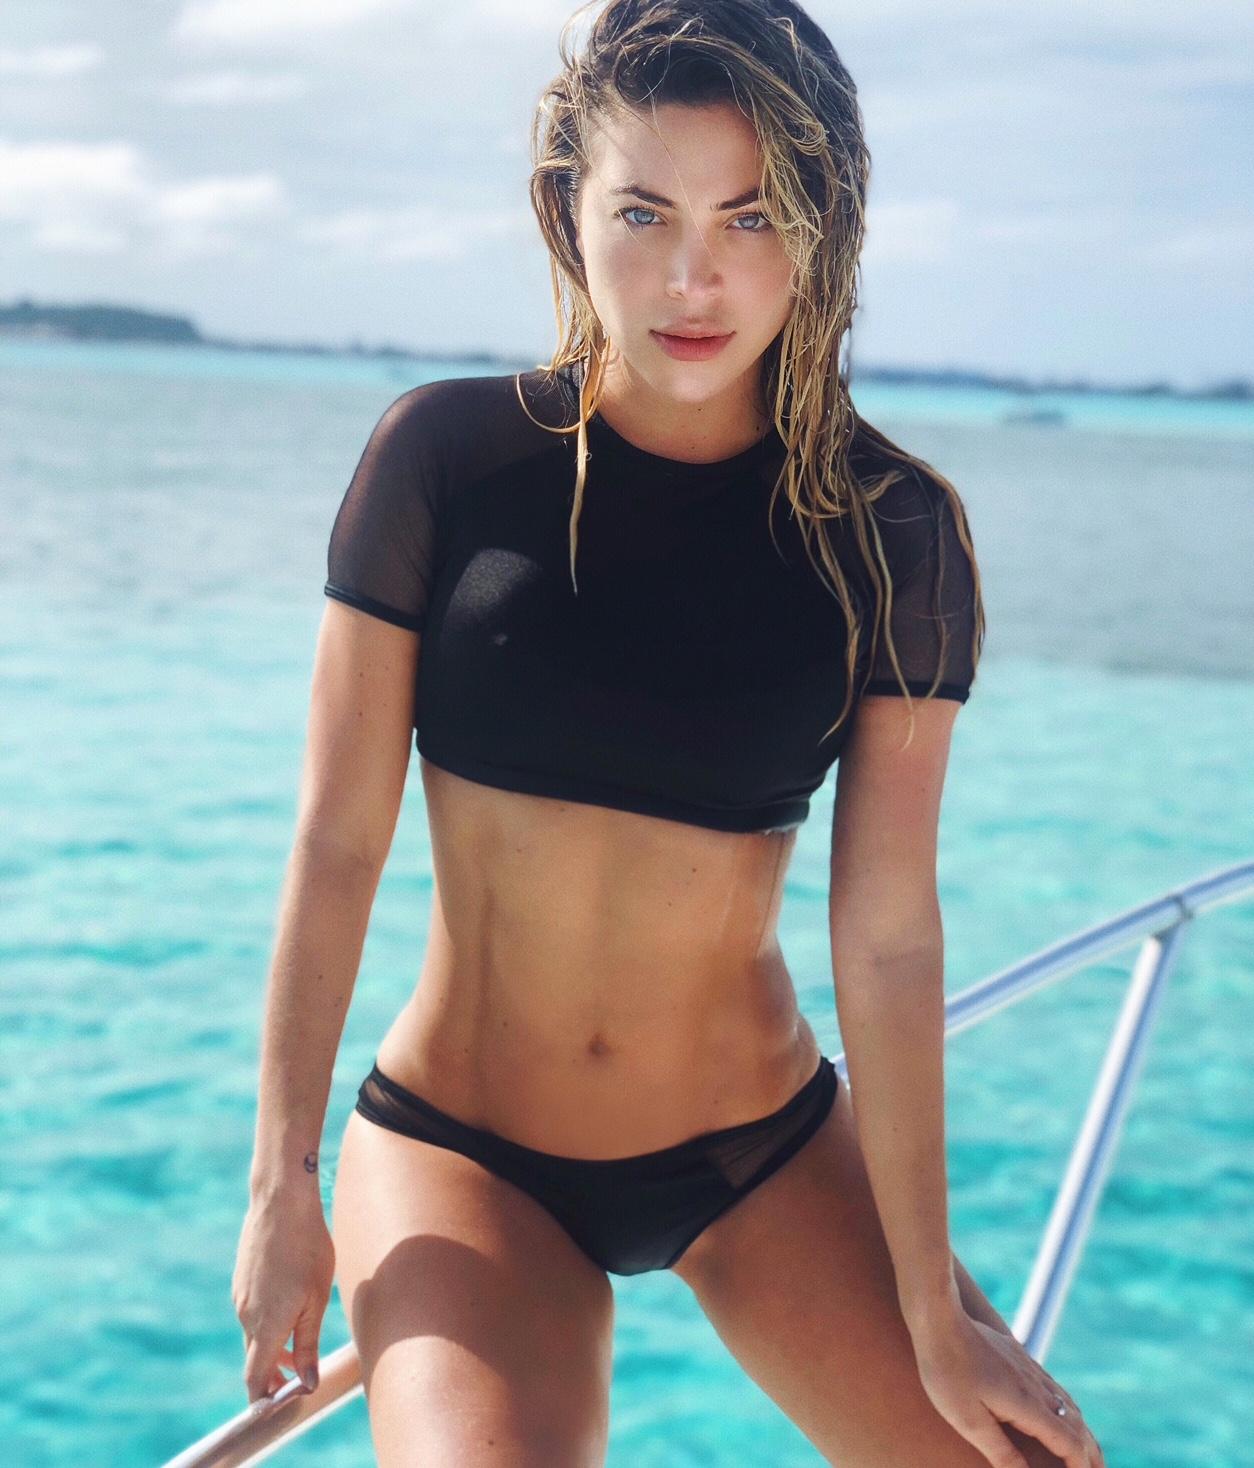 modelo colombiana Daniela Tamayo